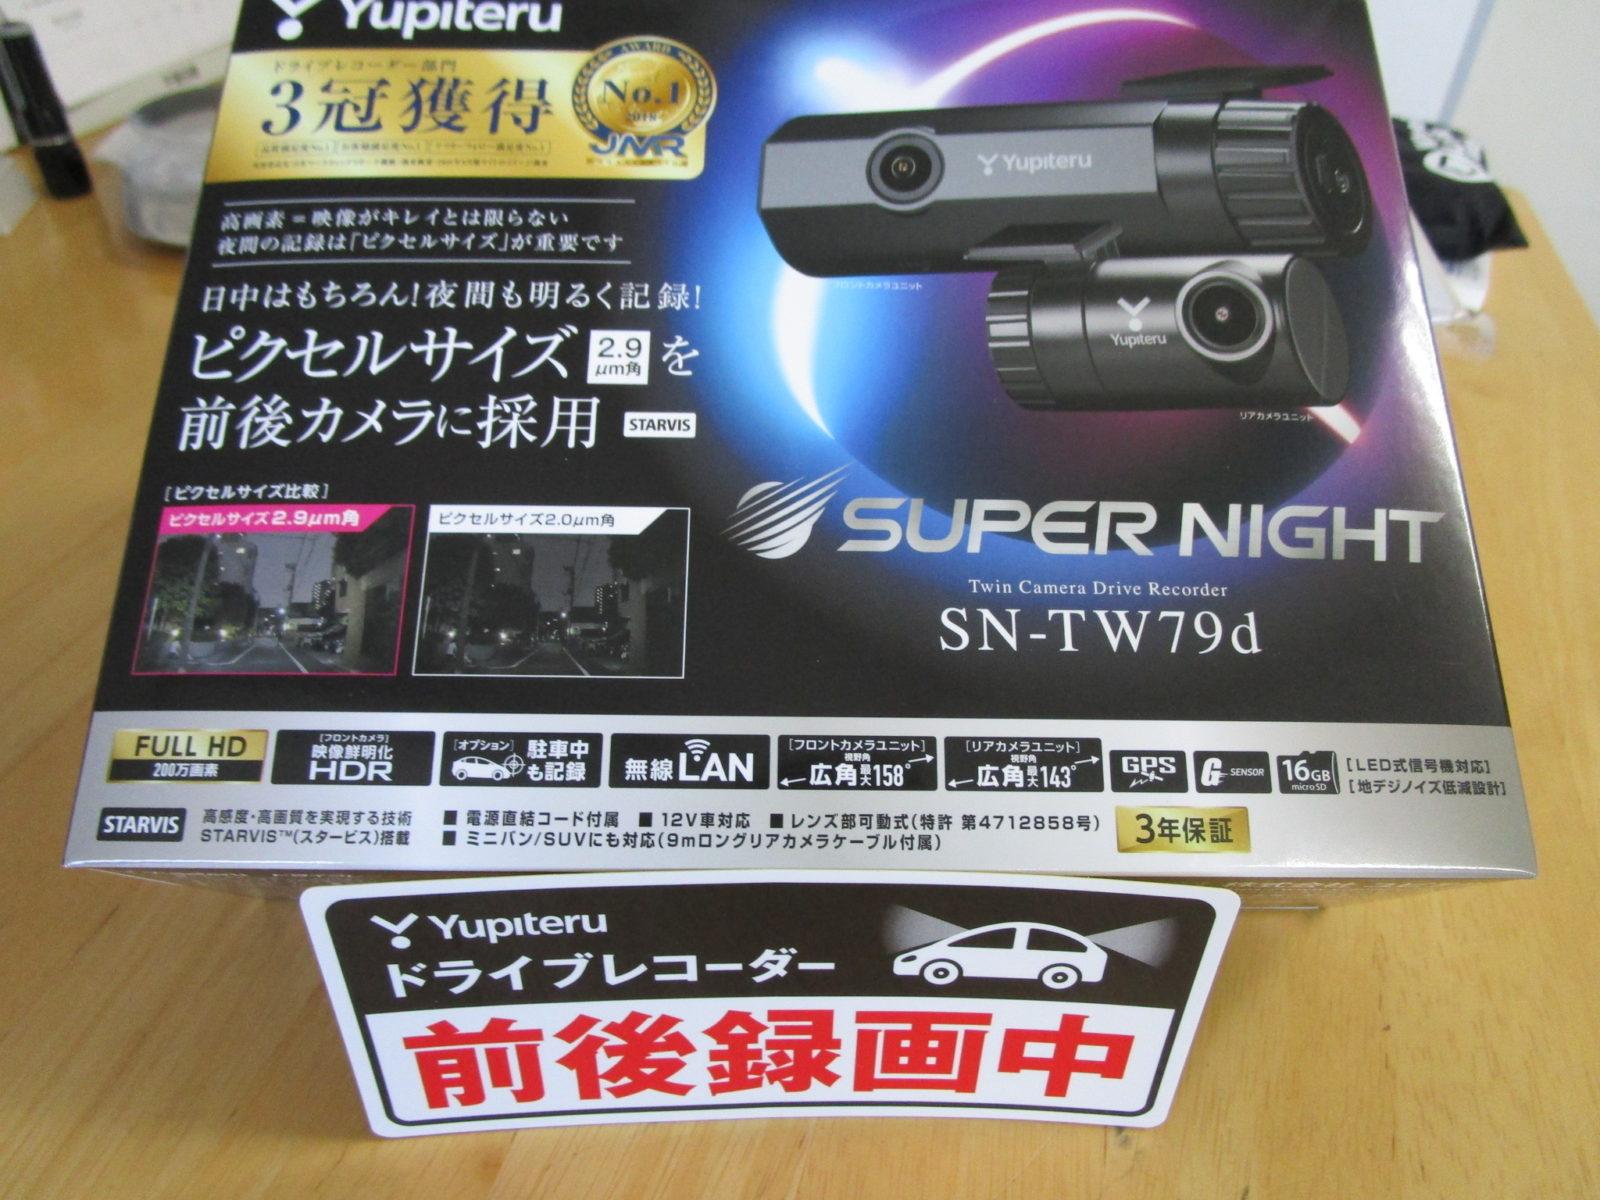 SN-TW79d